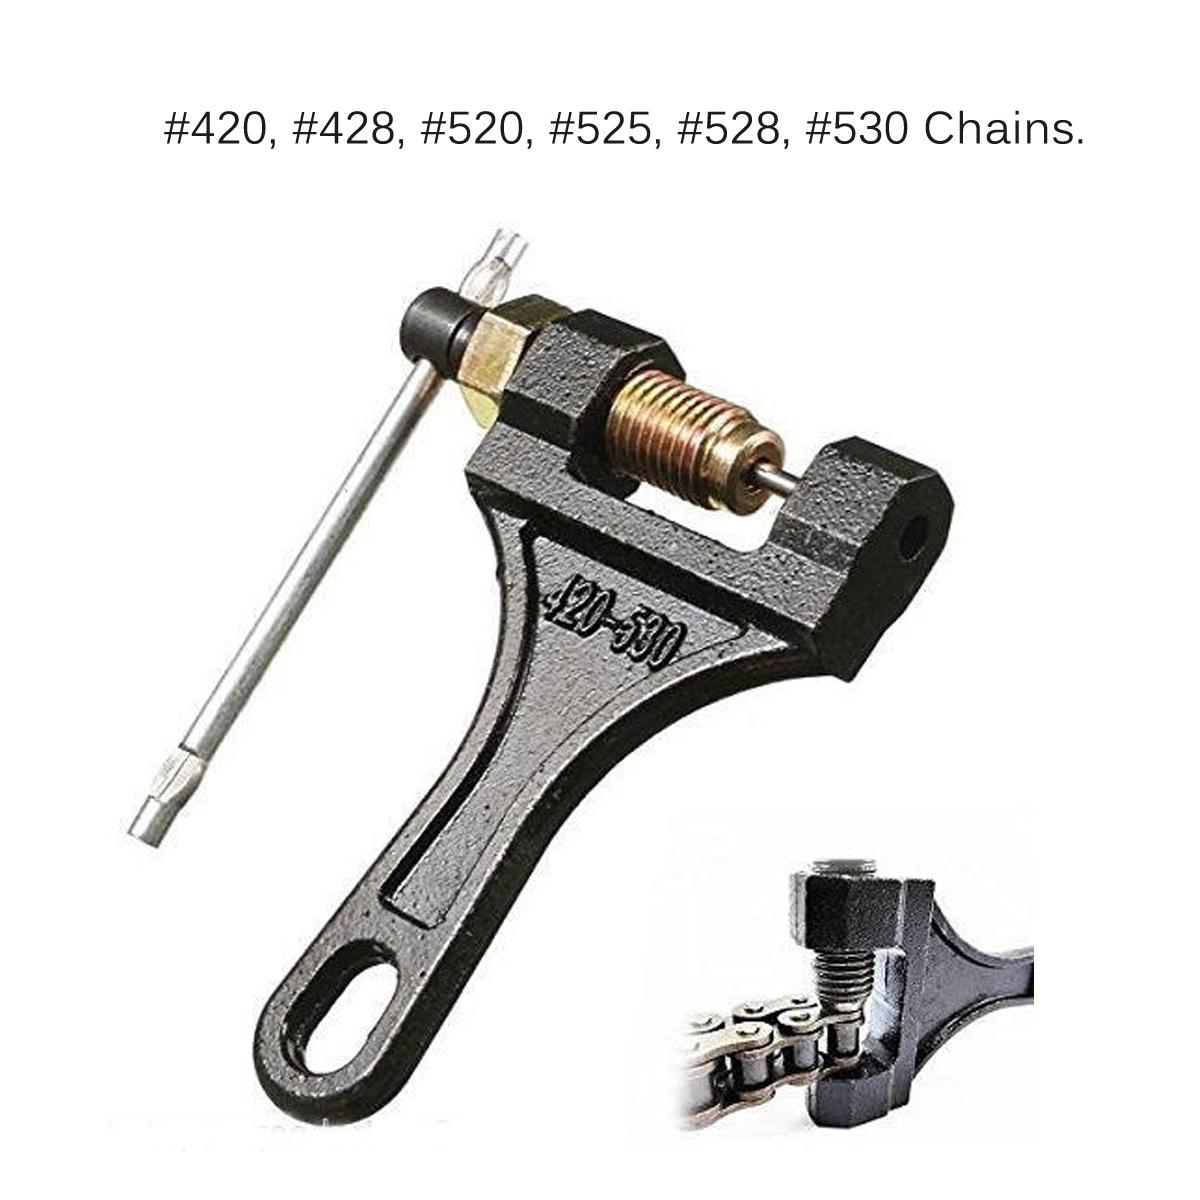 Motorcycle ATV Chain Splitter Cutter Breaker Tool for #420 428 520 525 528 530